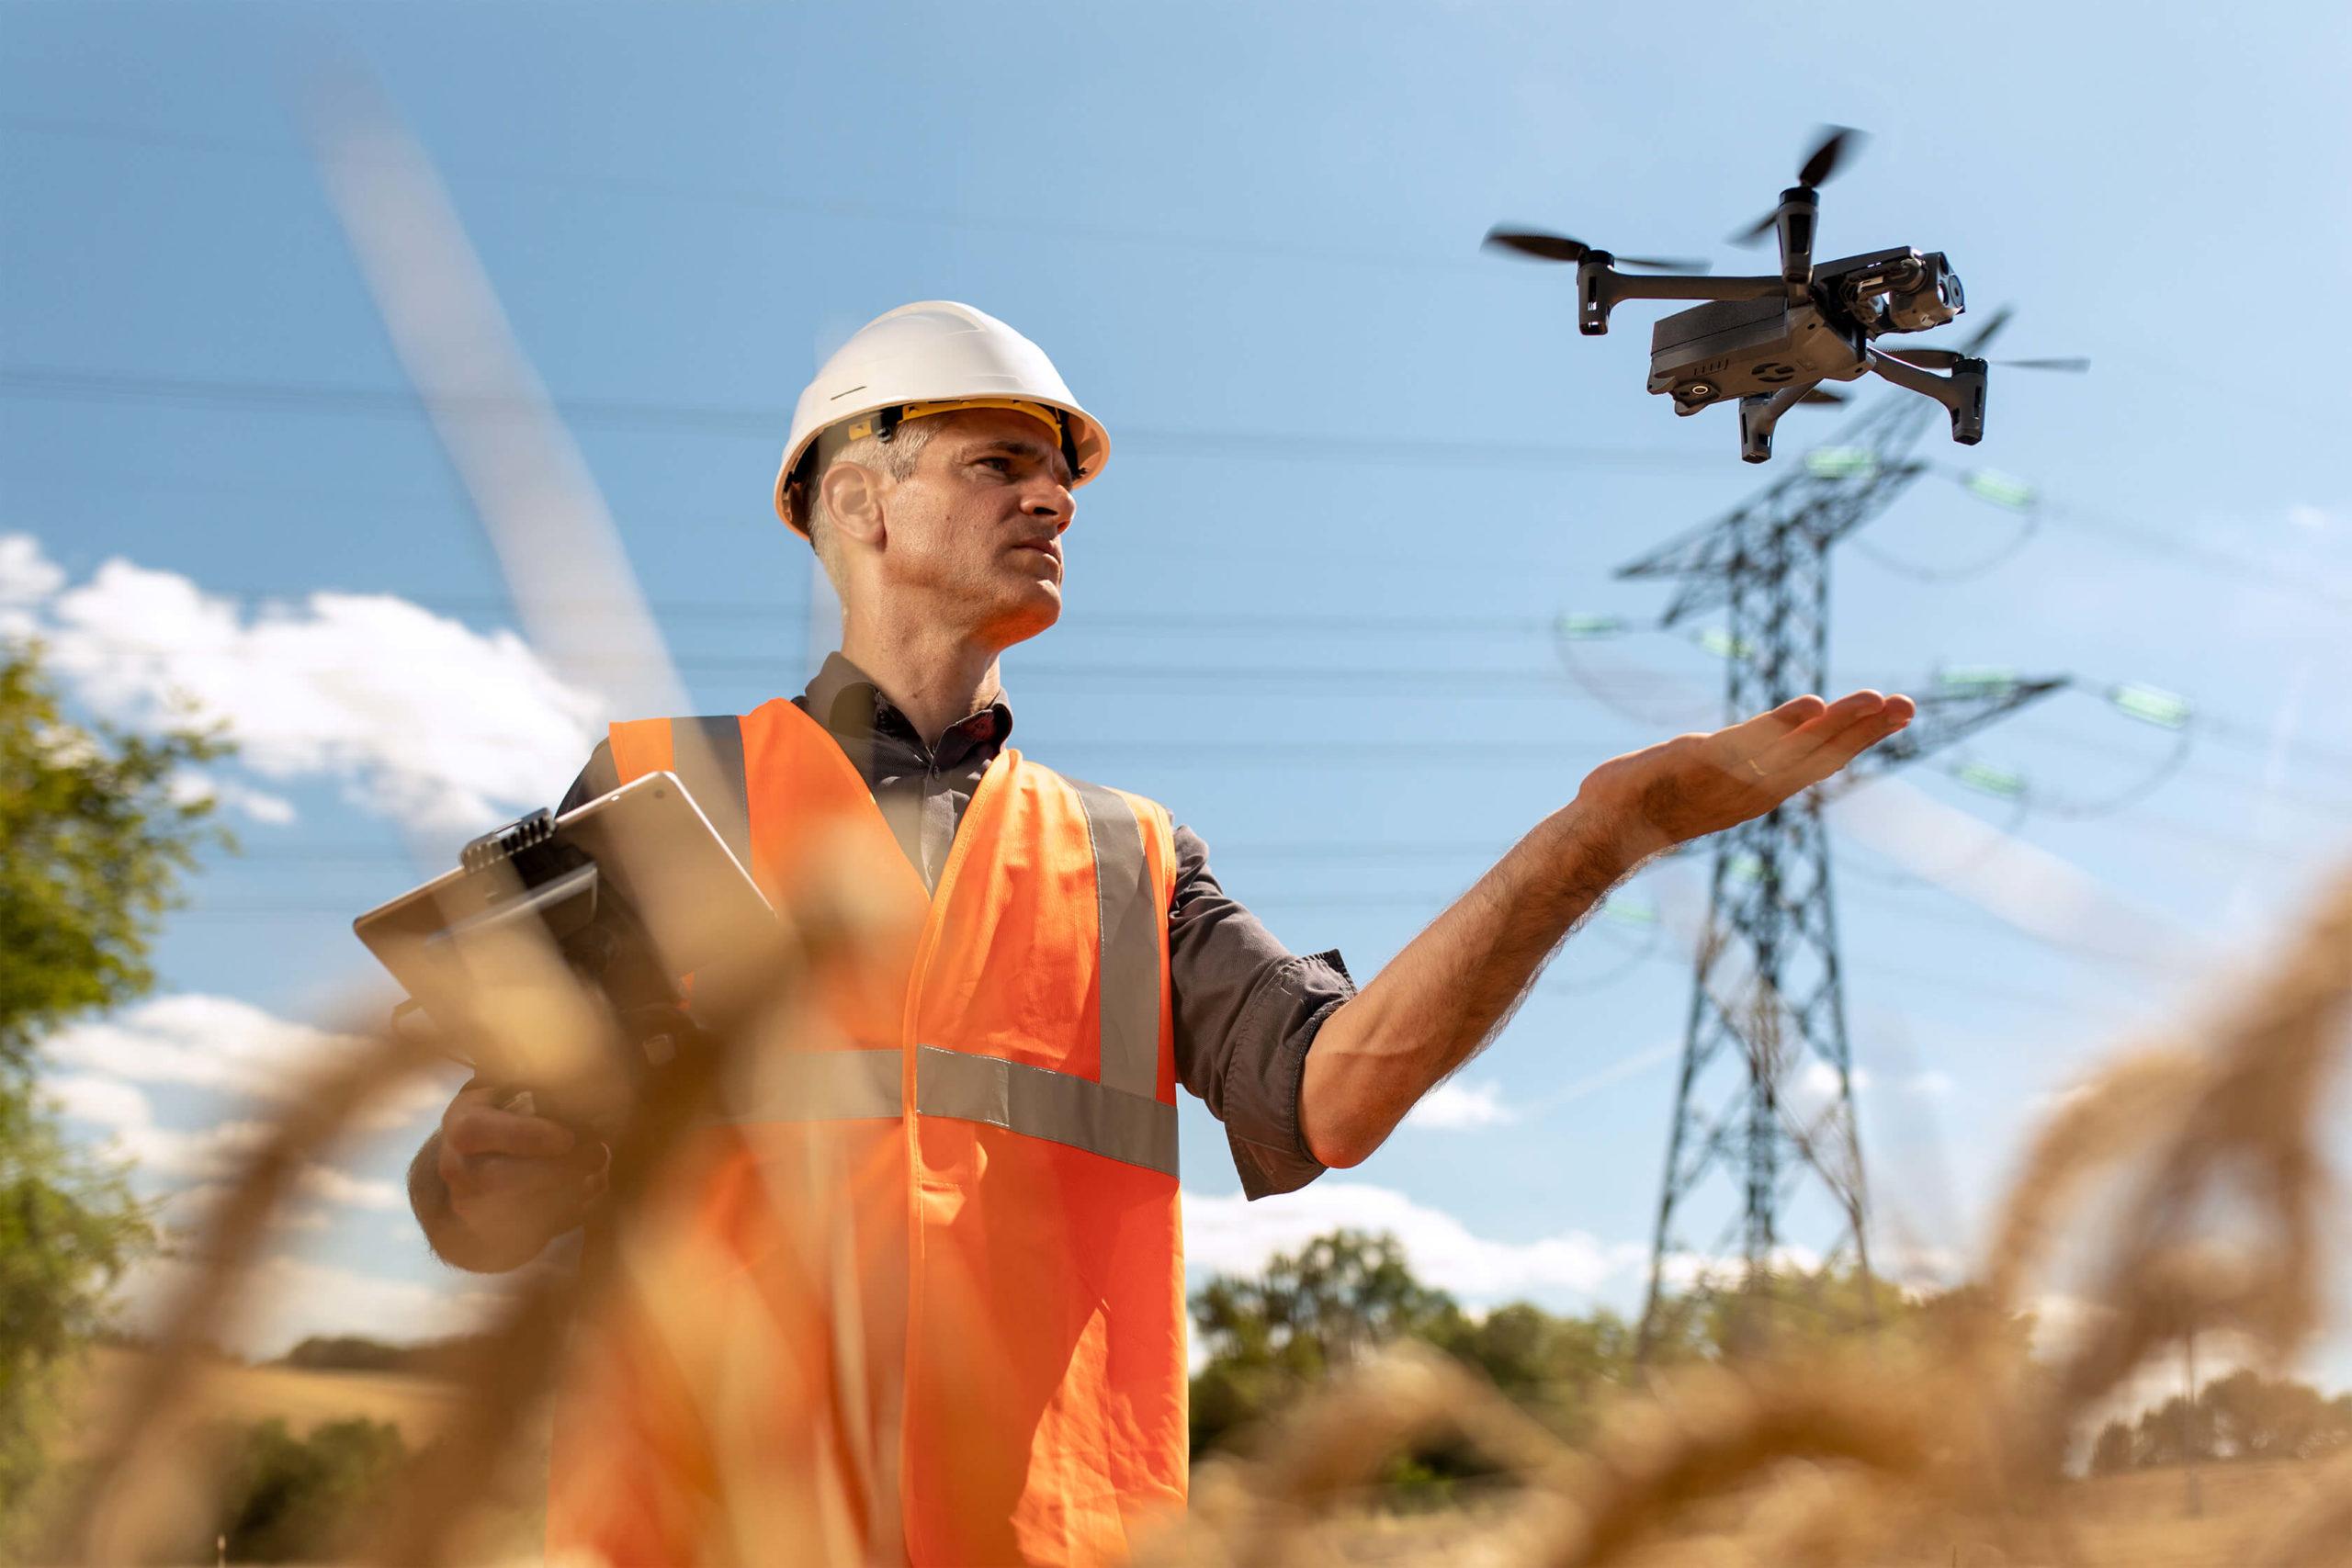 Anafi USA, la réponse de Parrot aux drones professionnels DJI